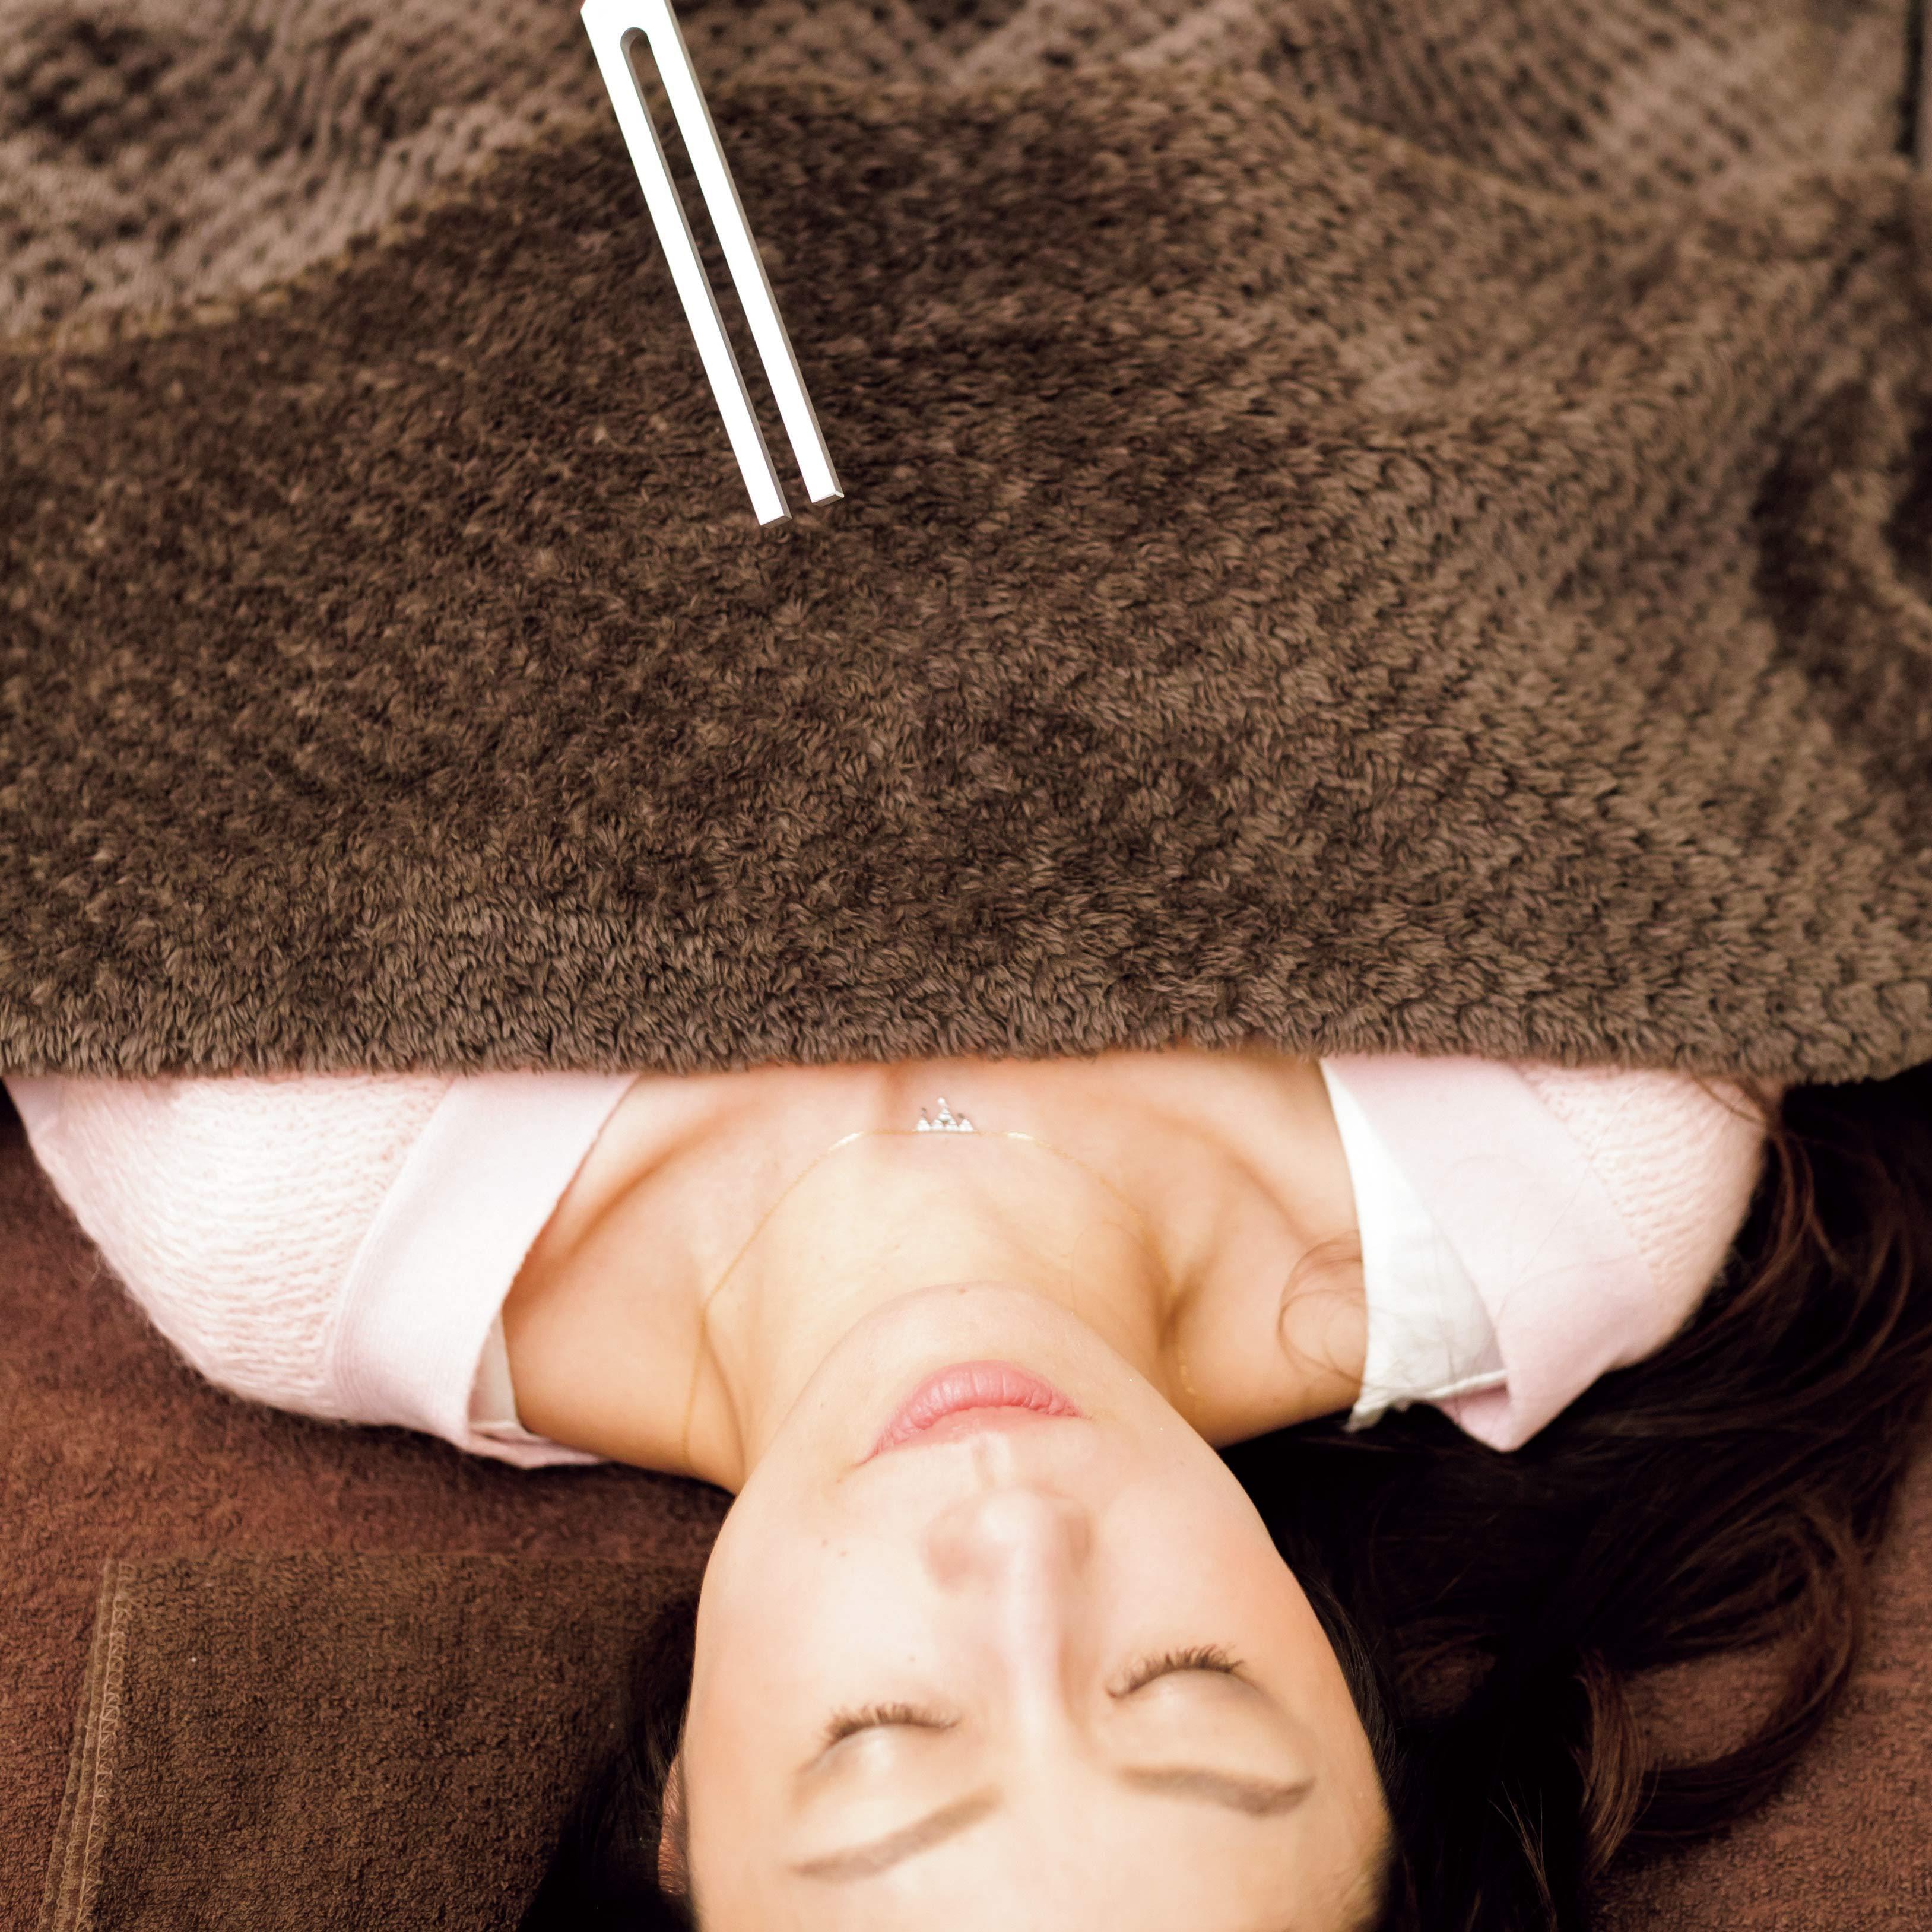 睡眠負債も蓄積疲労も解消! 脳を癒して秋バテを乗り切る